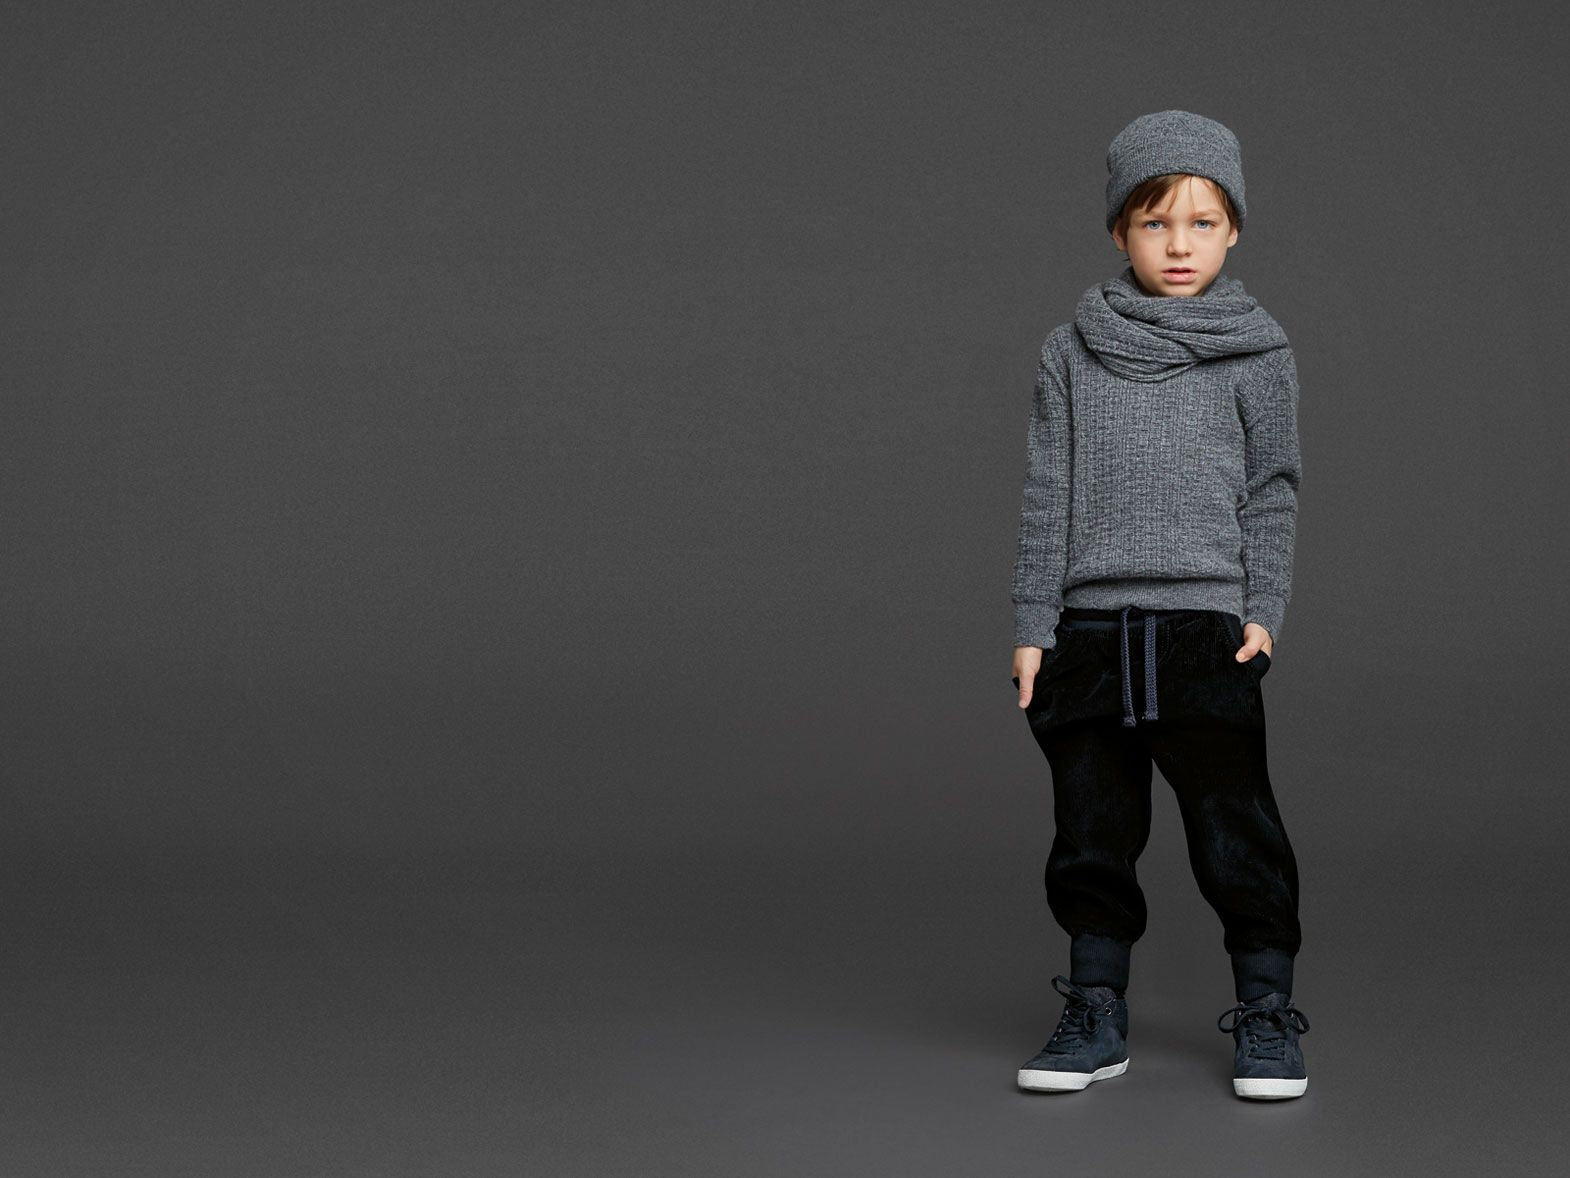 صور تصميمات ترنجات شتوى للأولاد جامدة